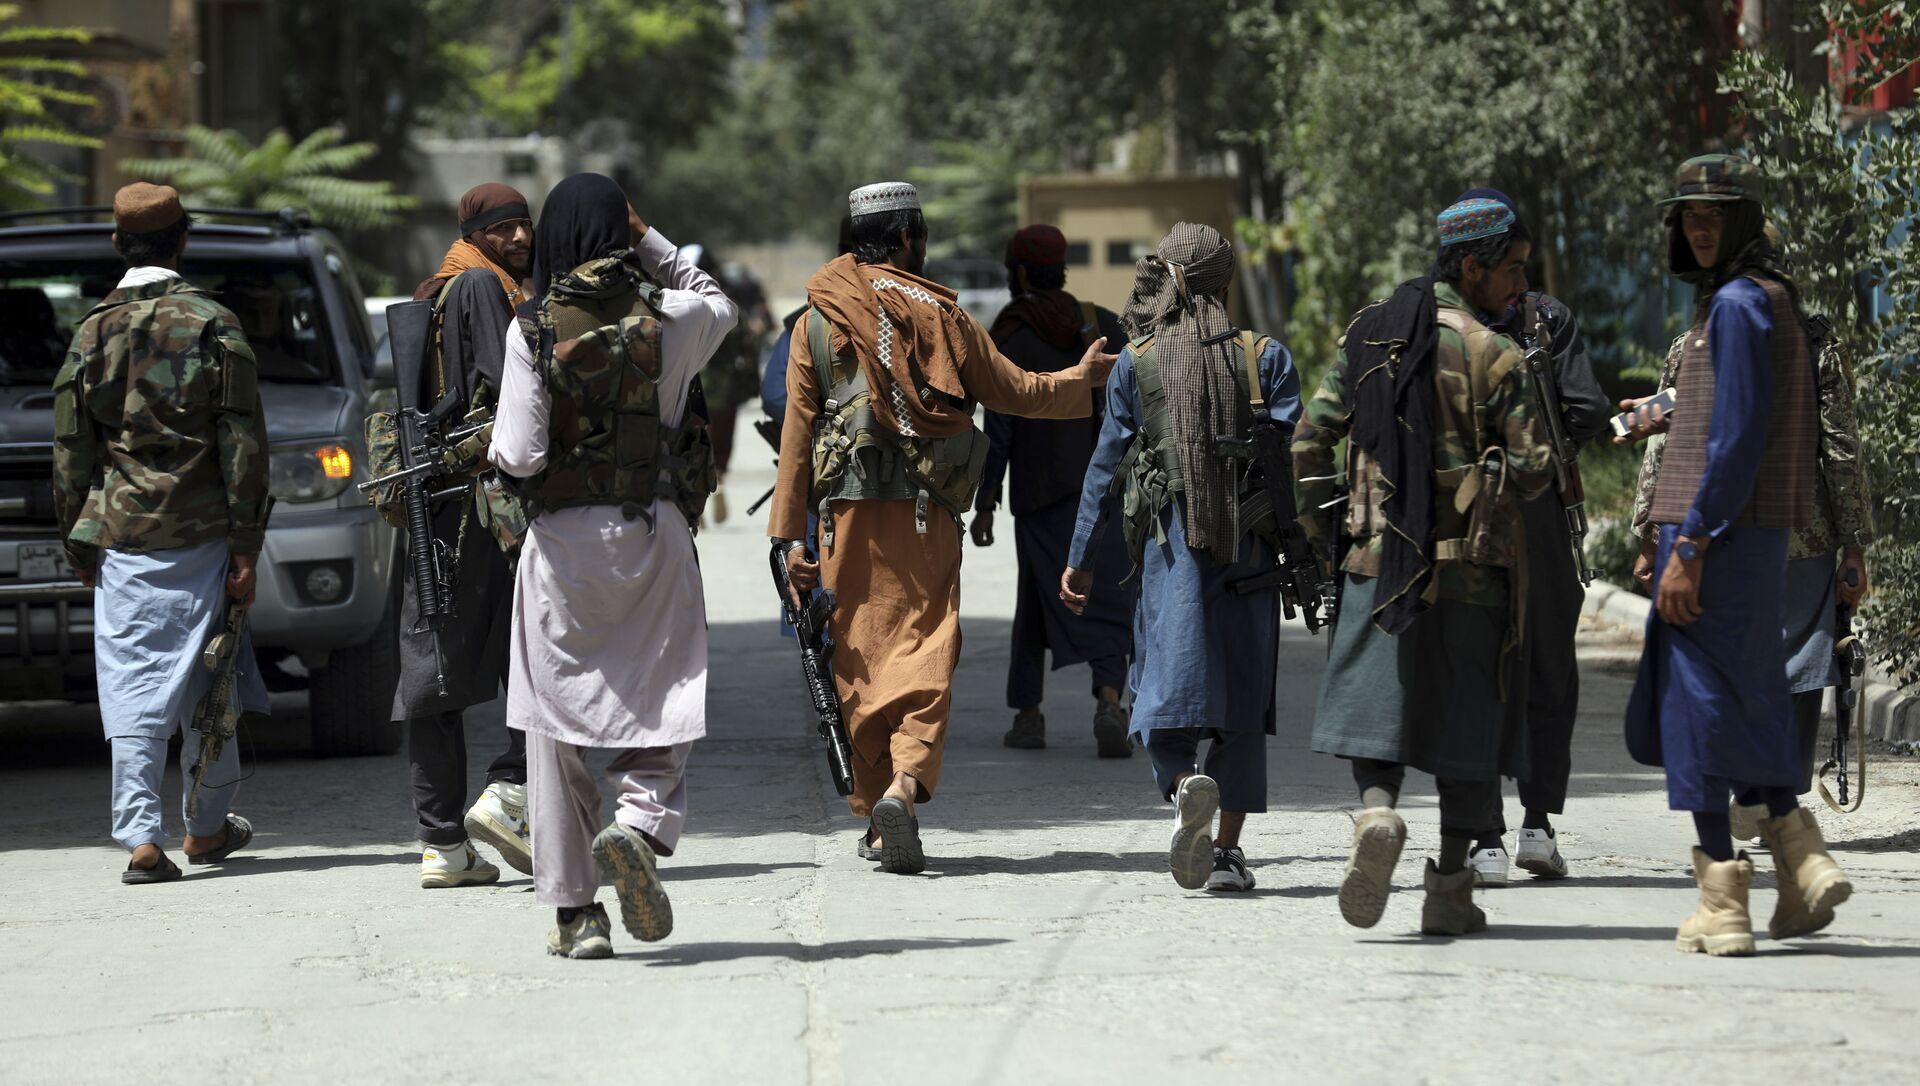 Боевики движения Талибан (террористическая группировка, запрещеннфая в РФ) в Кабуле, 18 авгутса 2021 года - Sputnik Азербайджан, 1920, 03.09.2021